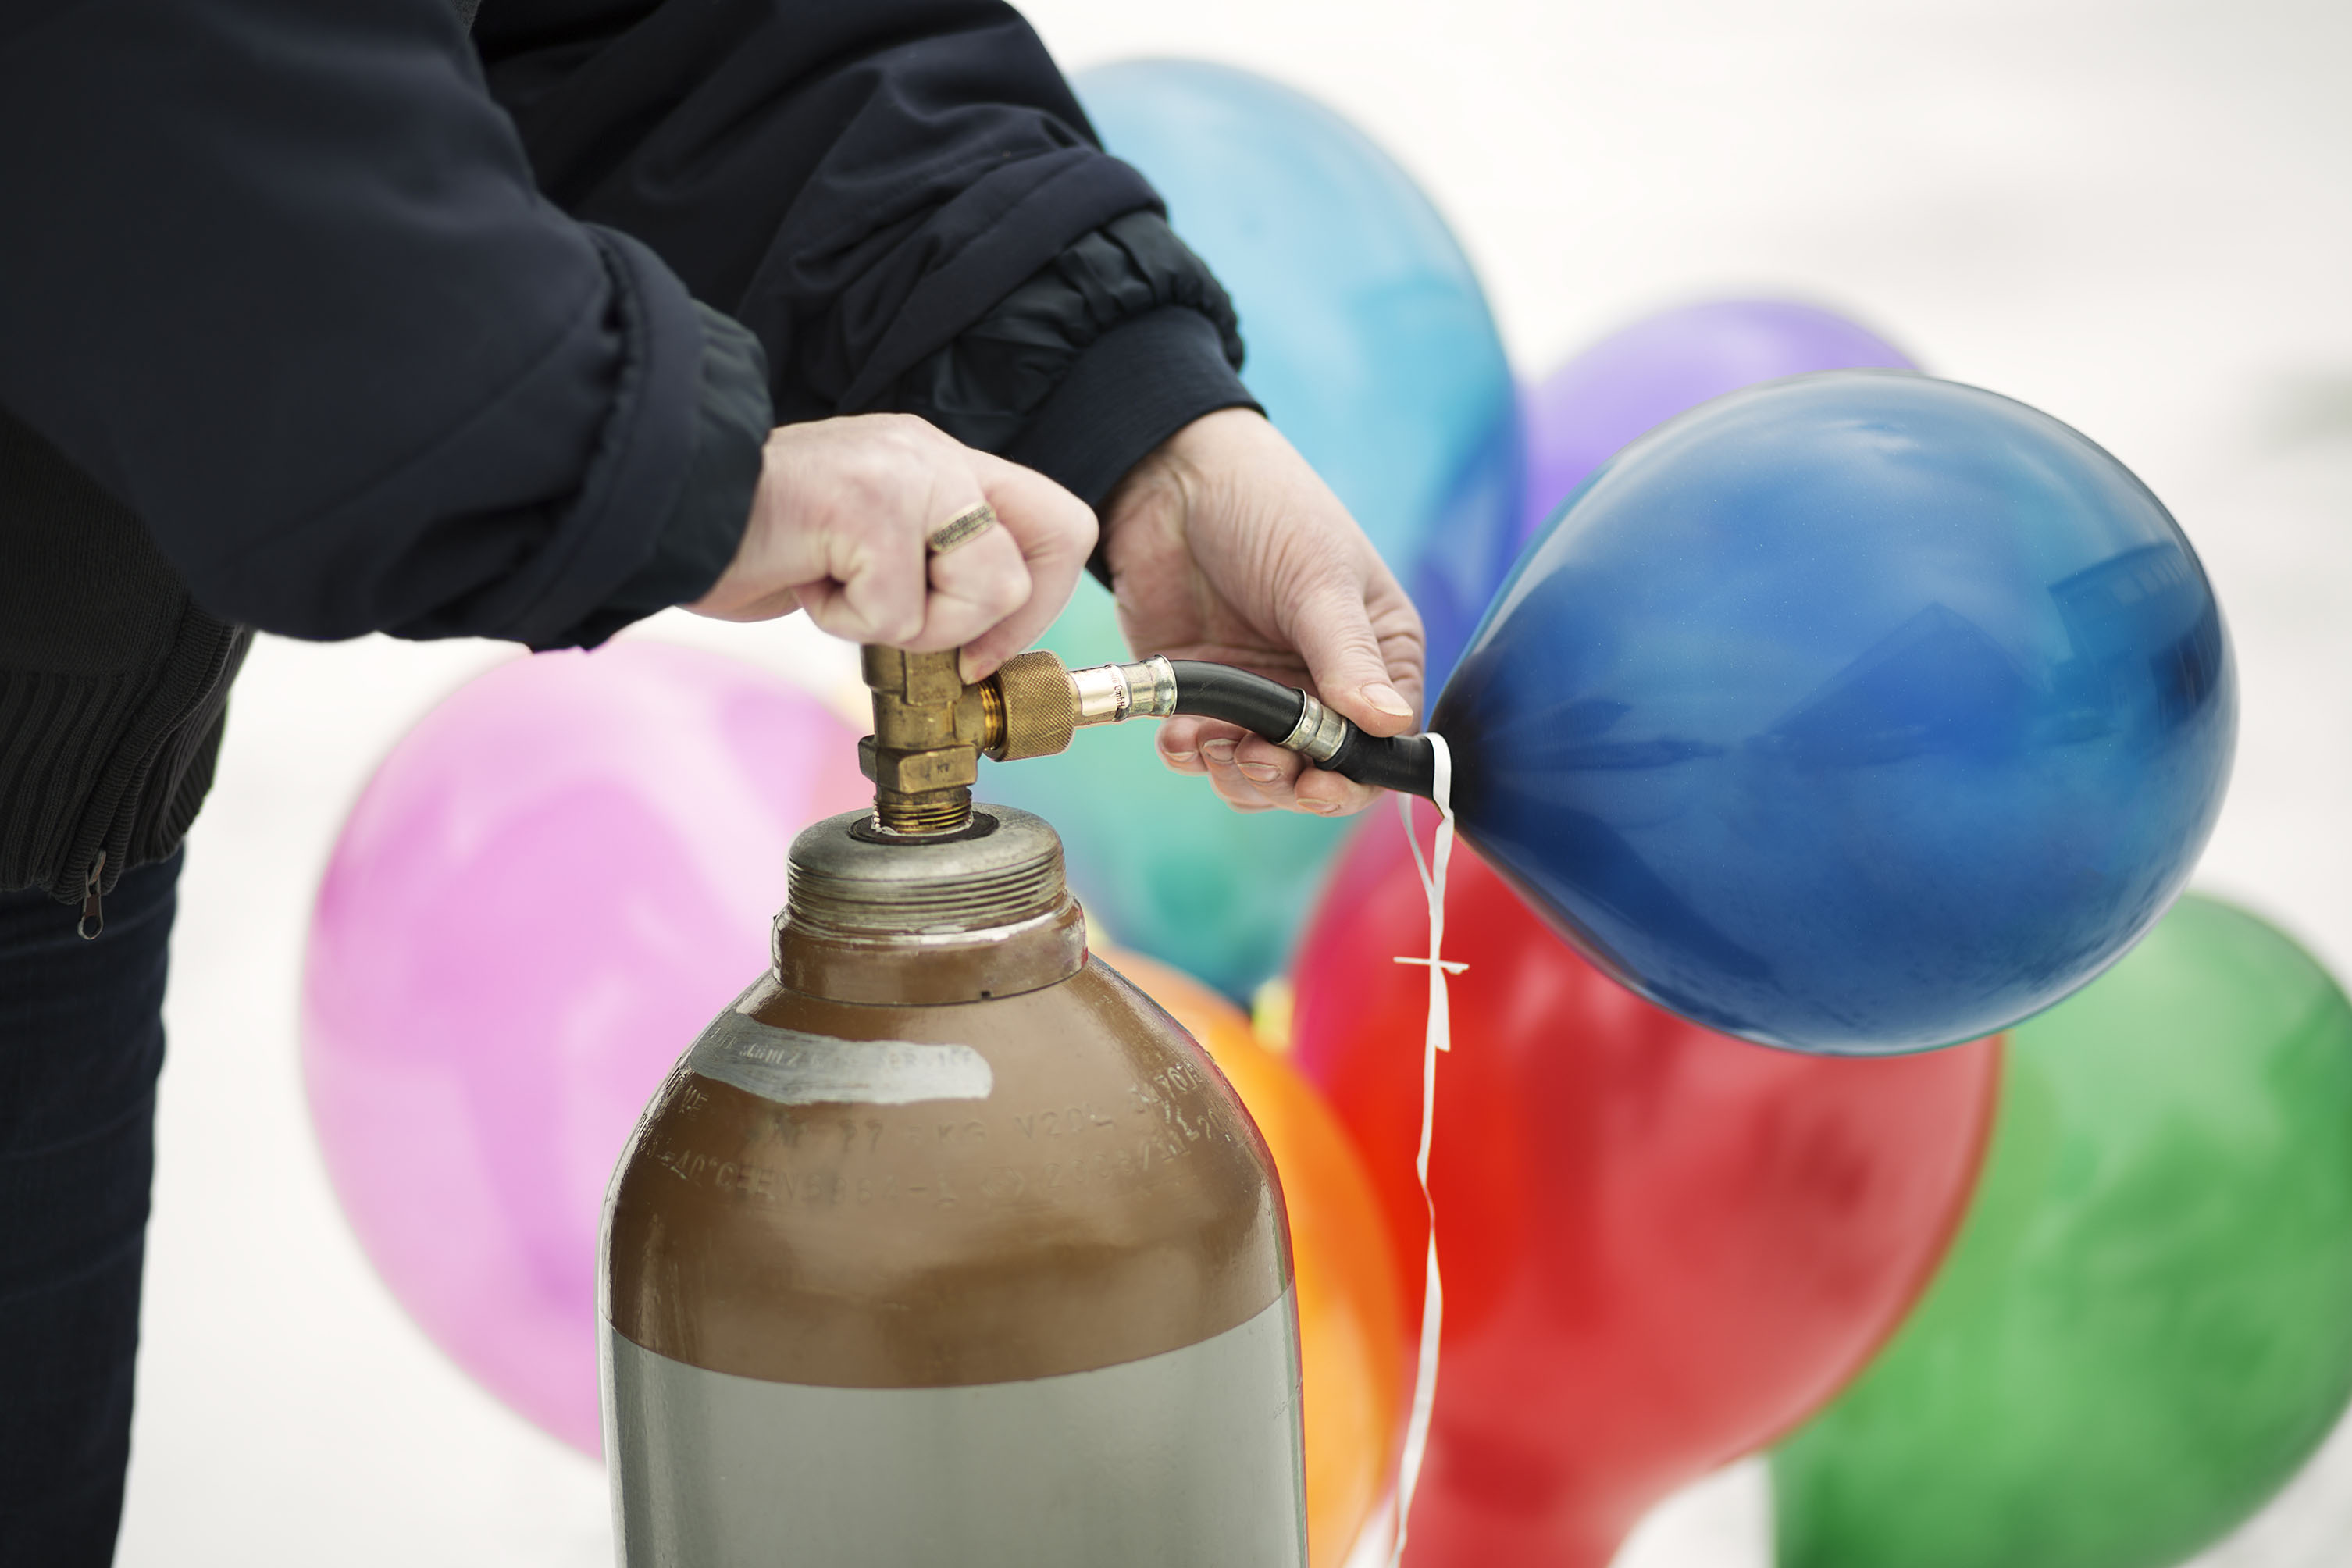 Schulz Gase_Luftballon_0232 VB